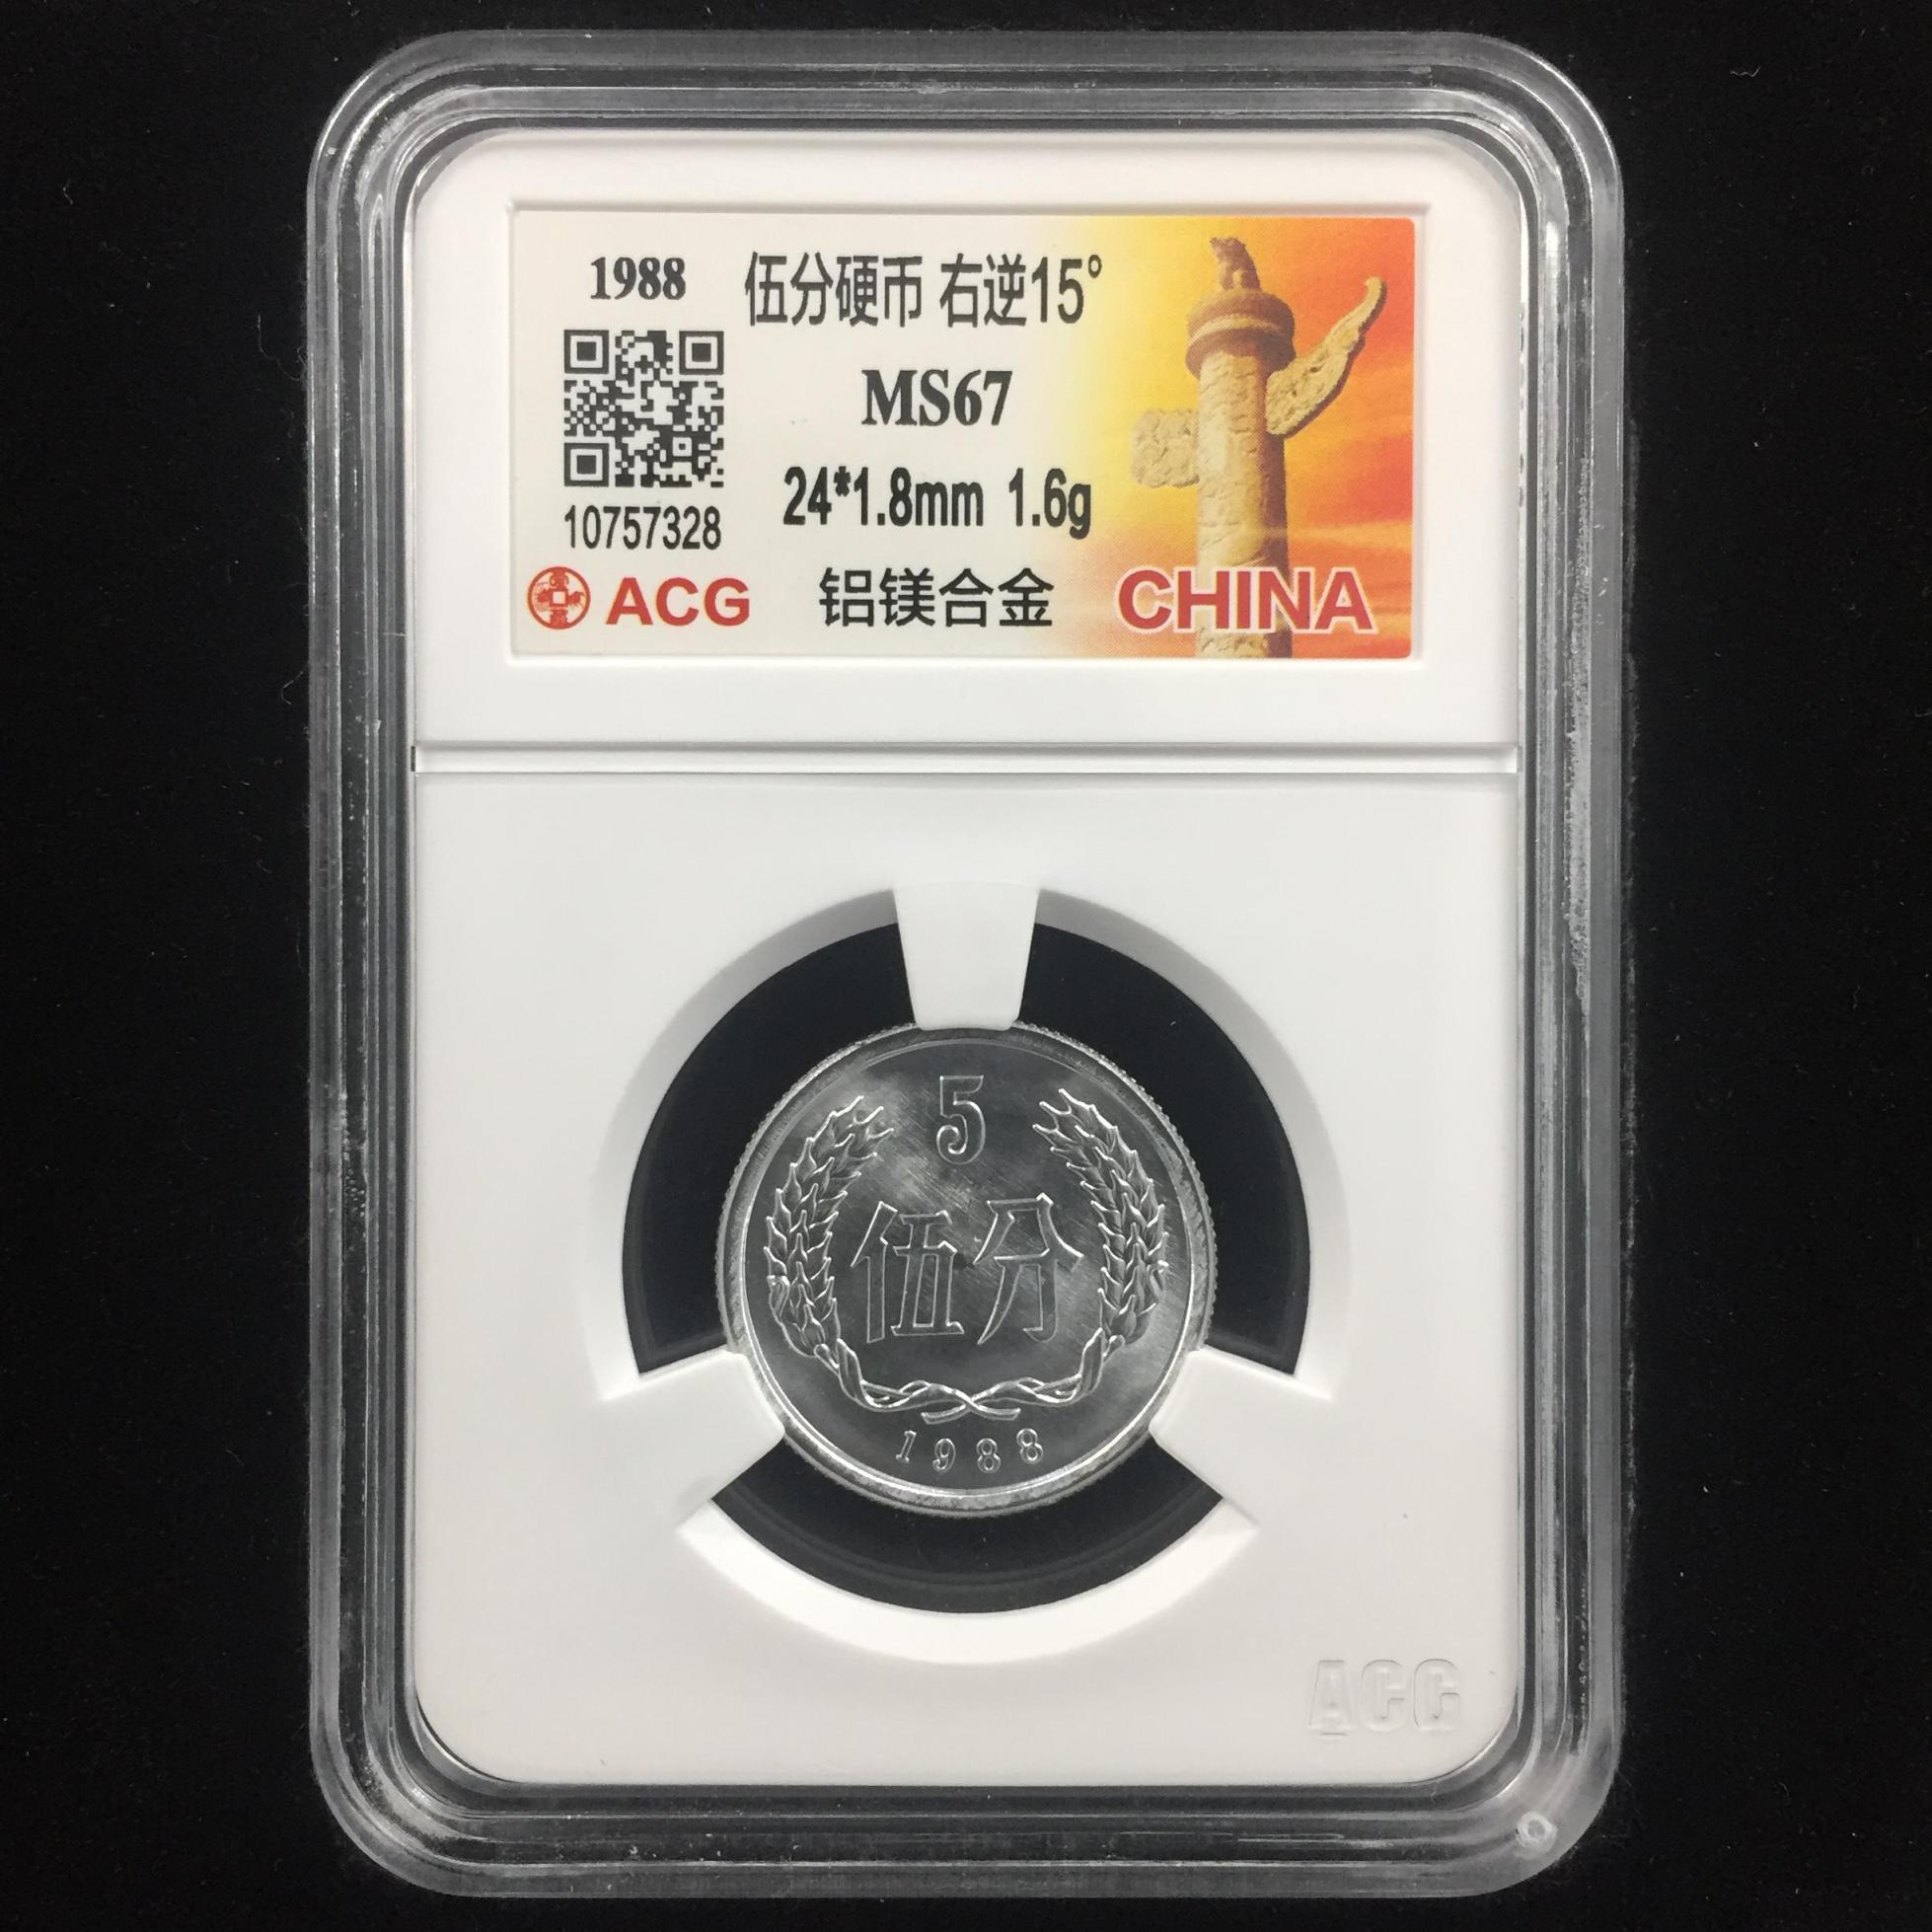 背逆币→1988年5分硬币→ACG鉴定证书-10757328